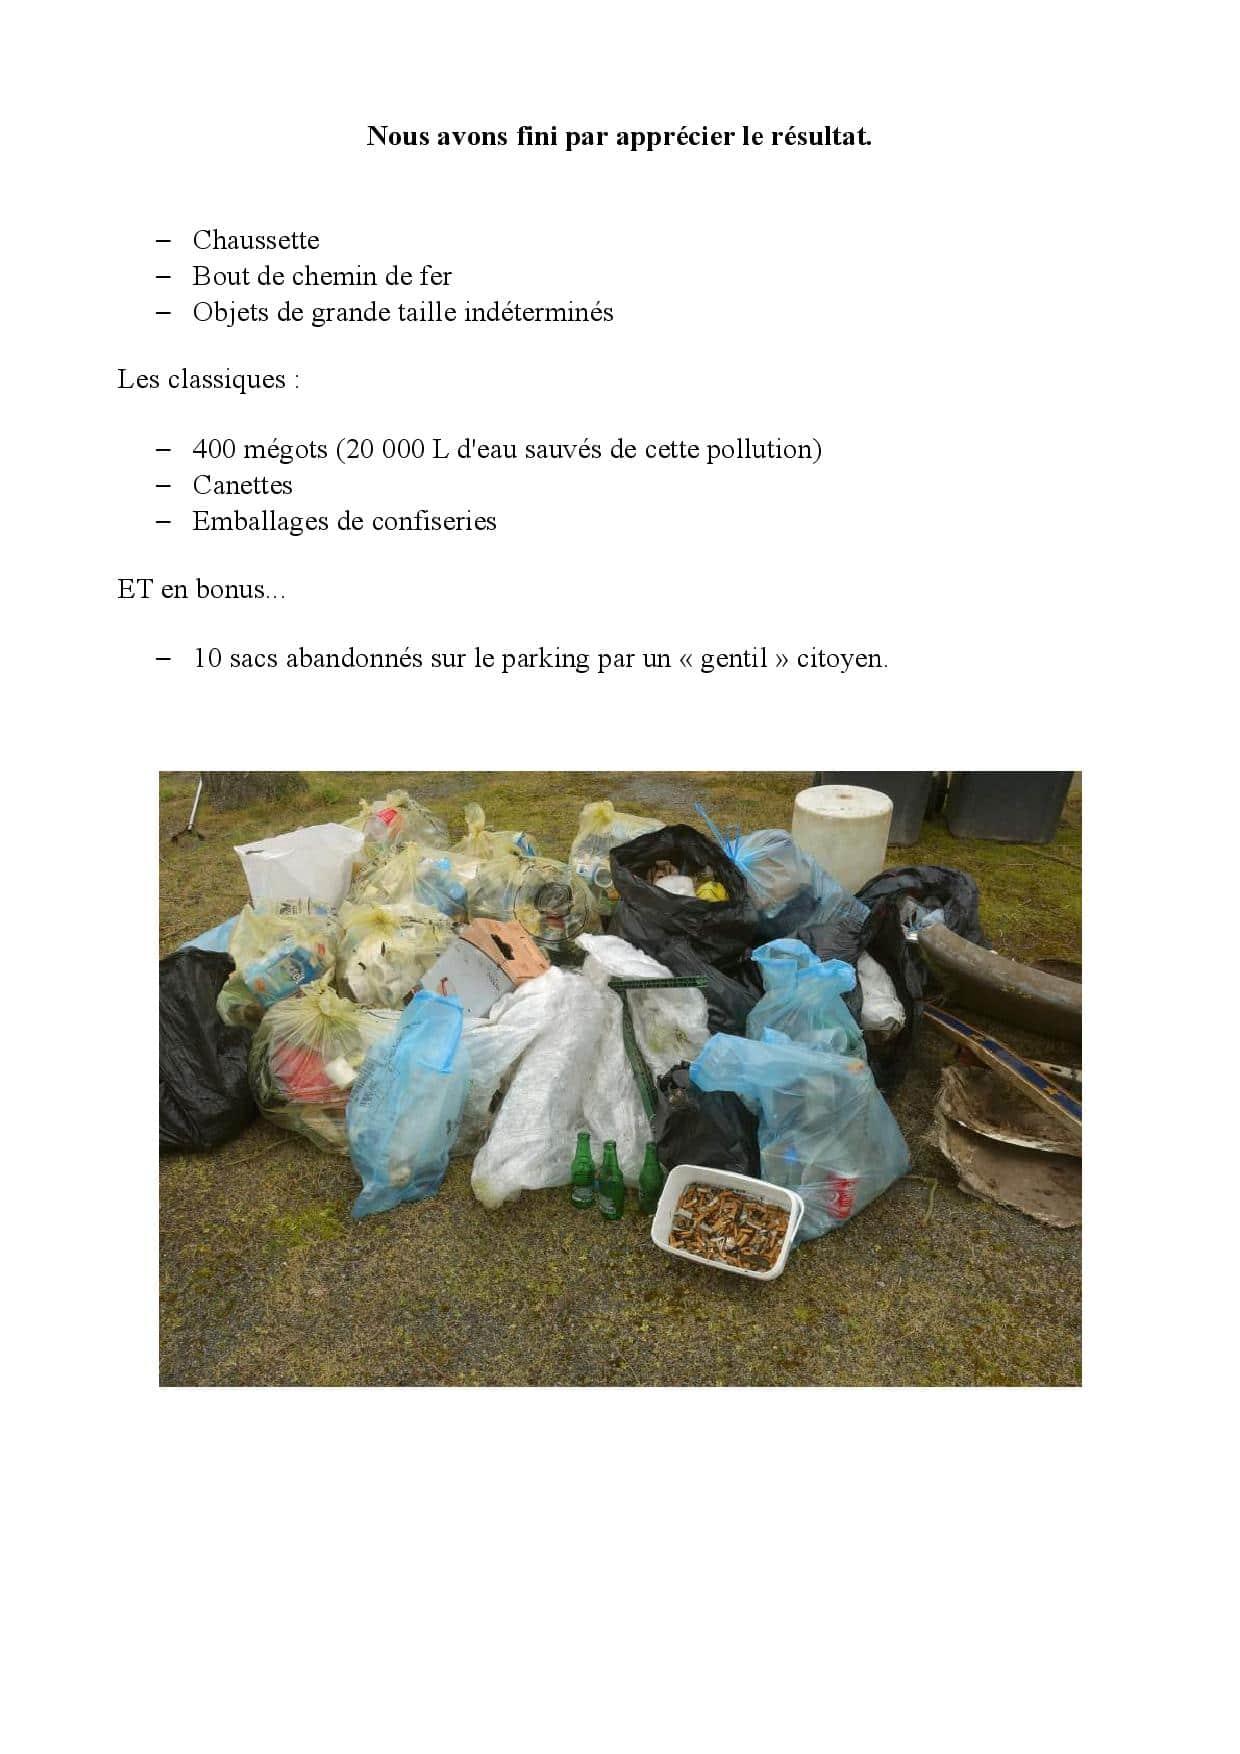 Nous avons fini par apprécier le résultat de la collecte des déchets